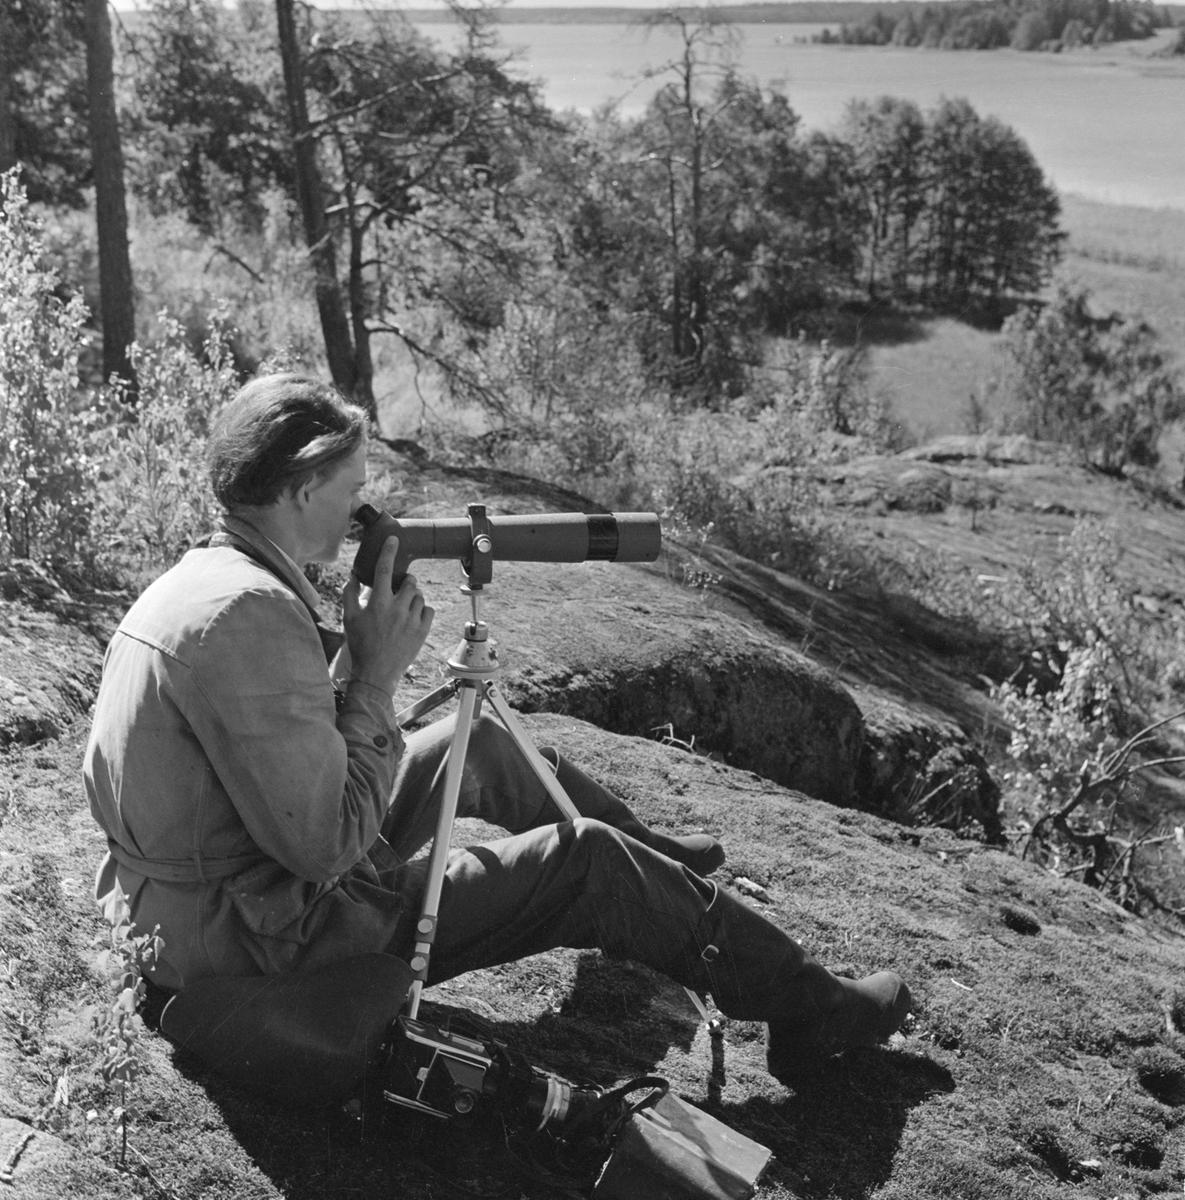 Naturfotograf Göran Hansson ute i naturen, sannolikt Uppland